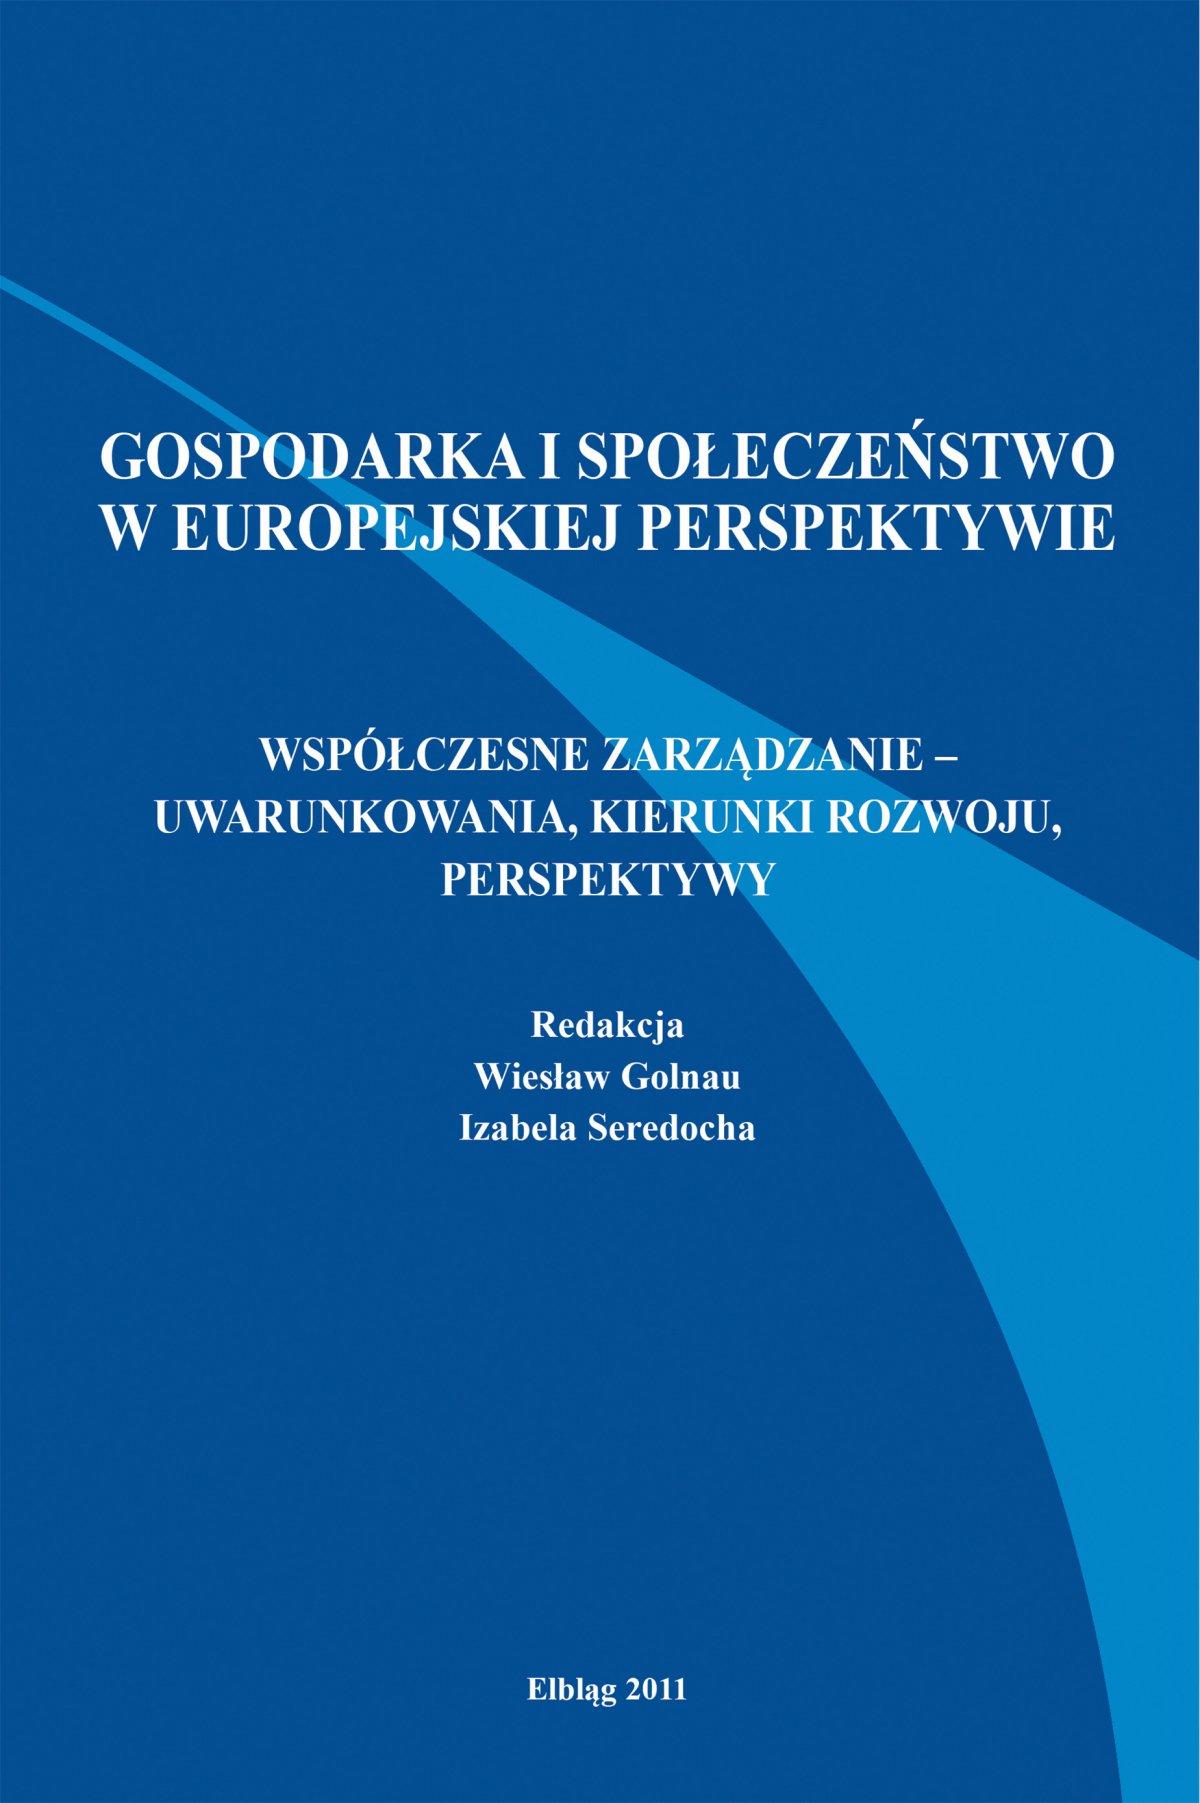 Gospodarka i społeczeństwo w europejskiej perspektywie - Ebook (Książka PDF) do pobrania w formacie PDF